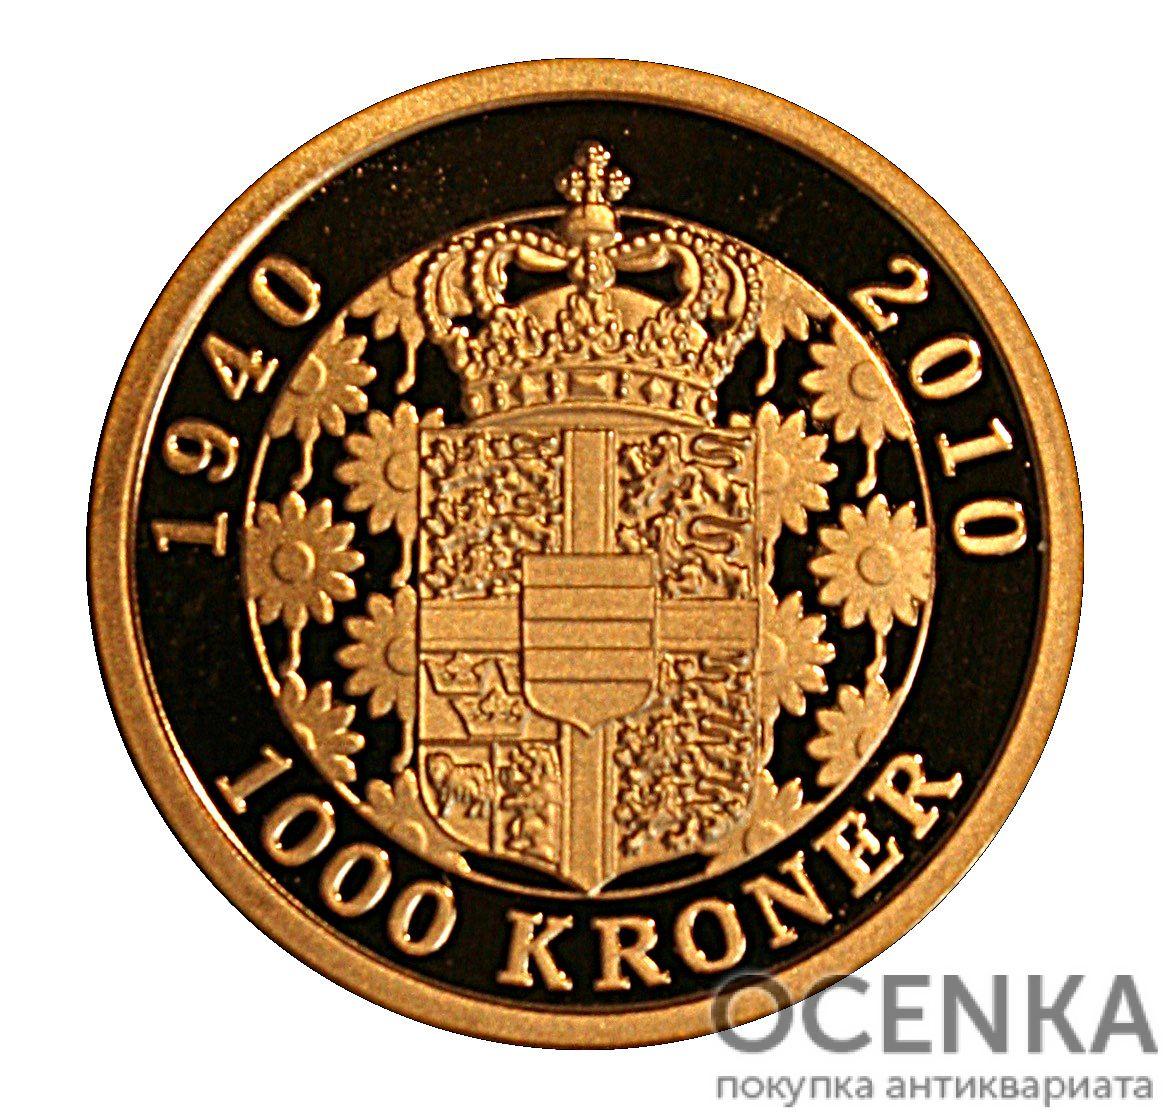 Золотая монета 1000 Крон (1000 Kroner) Дания - 2